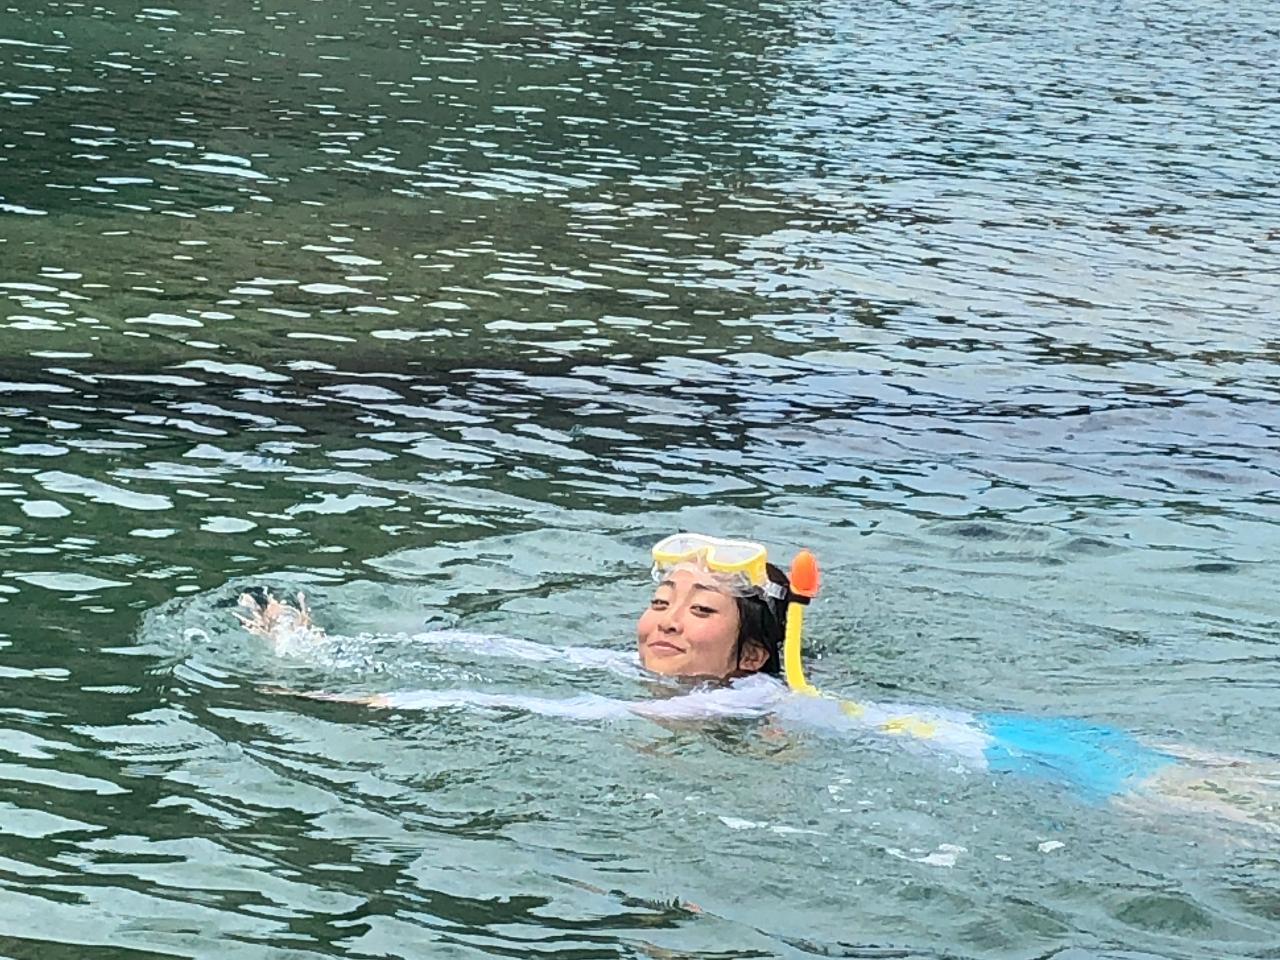 【シュノーケリングセット・1日レンタル】海を泳ぐならこちら♪1日レンタルなのでゆ...